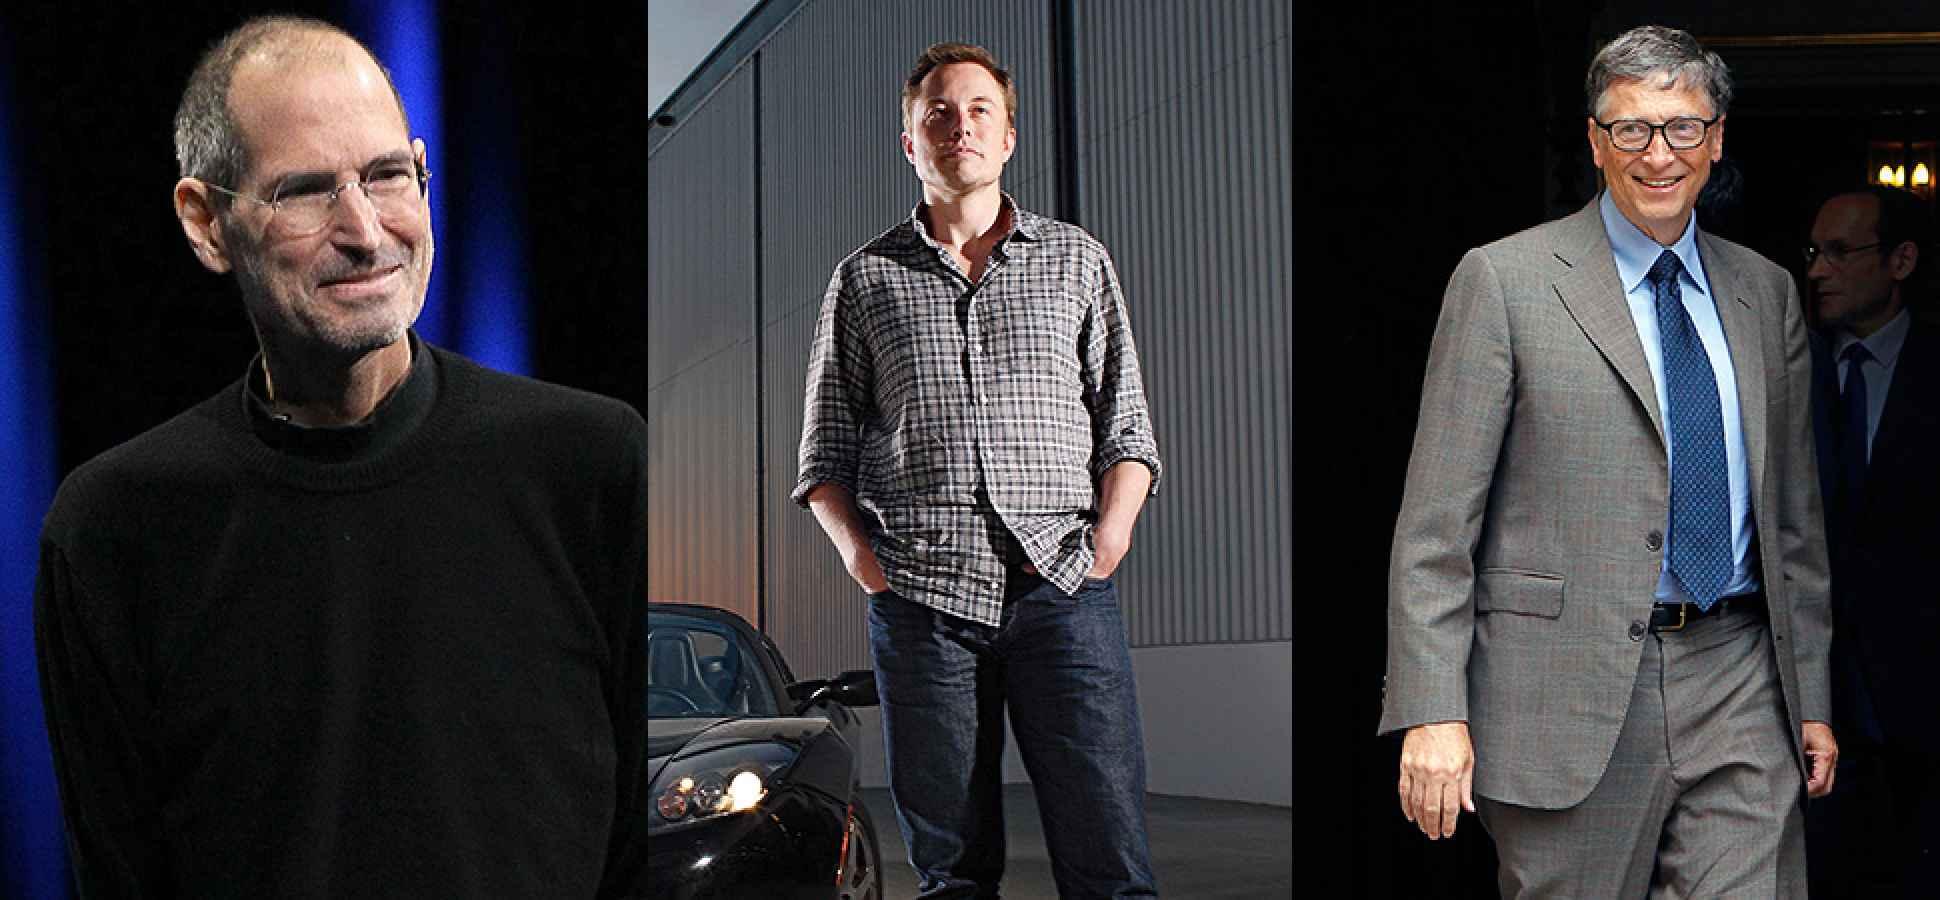 How to Think Like Steve Jobs, Innovate Like Elon Musk, and Act Like Bill Gates